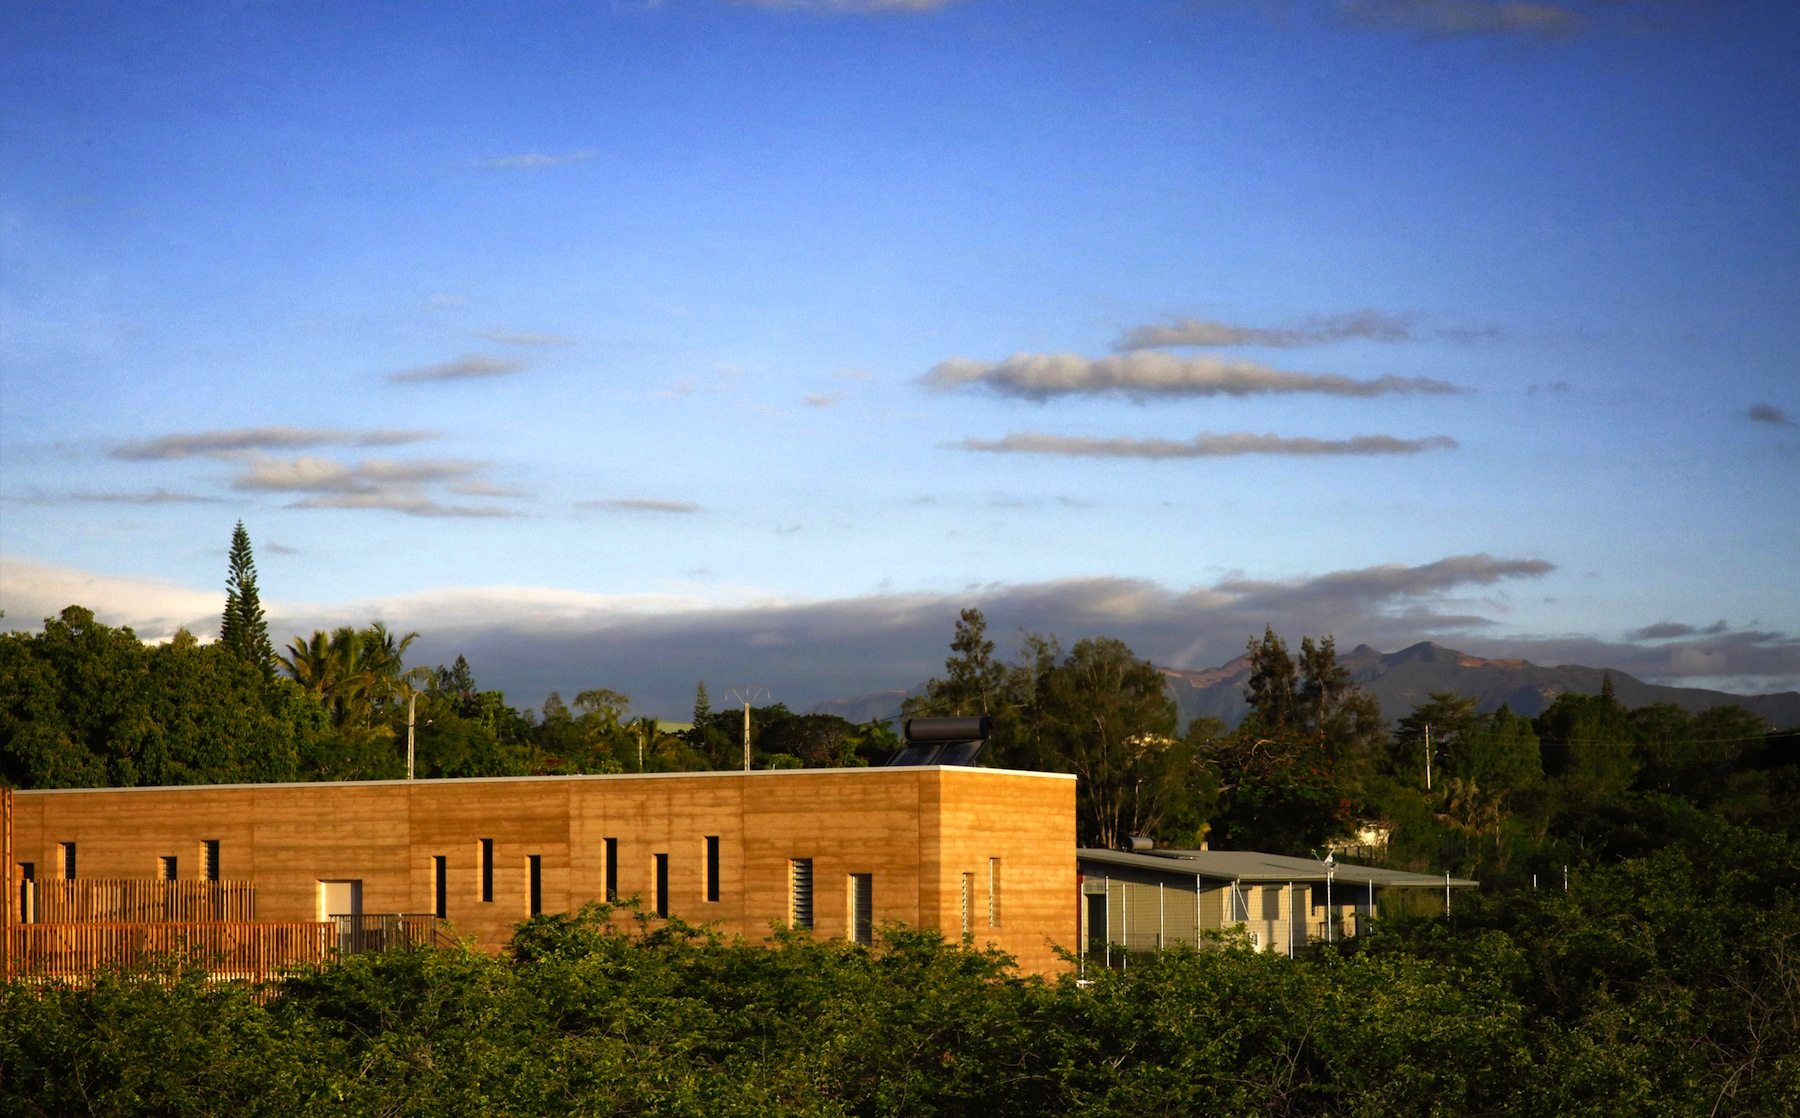 Gynasium. Schule in Païamboué, Neukaledonien, von André Berthier, Joseph Frassanito und Espaces Libres (K'ADH)